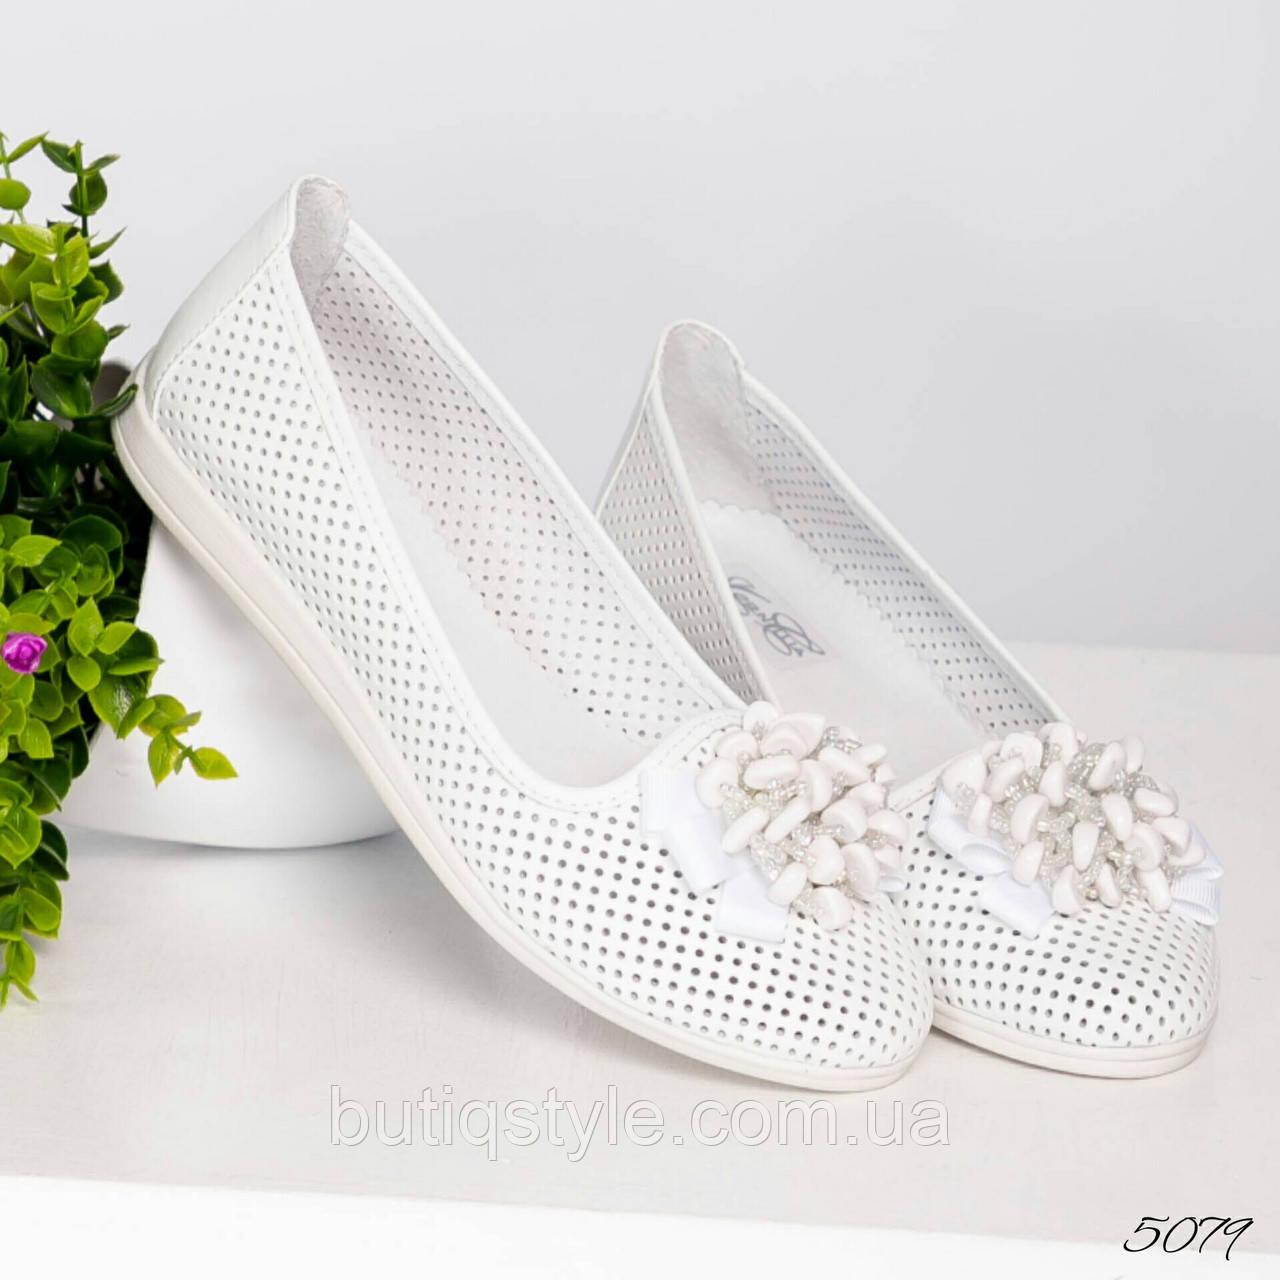 Белые мягкие женские балетки  с декором натуральная кожа с перфорацией